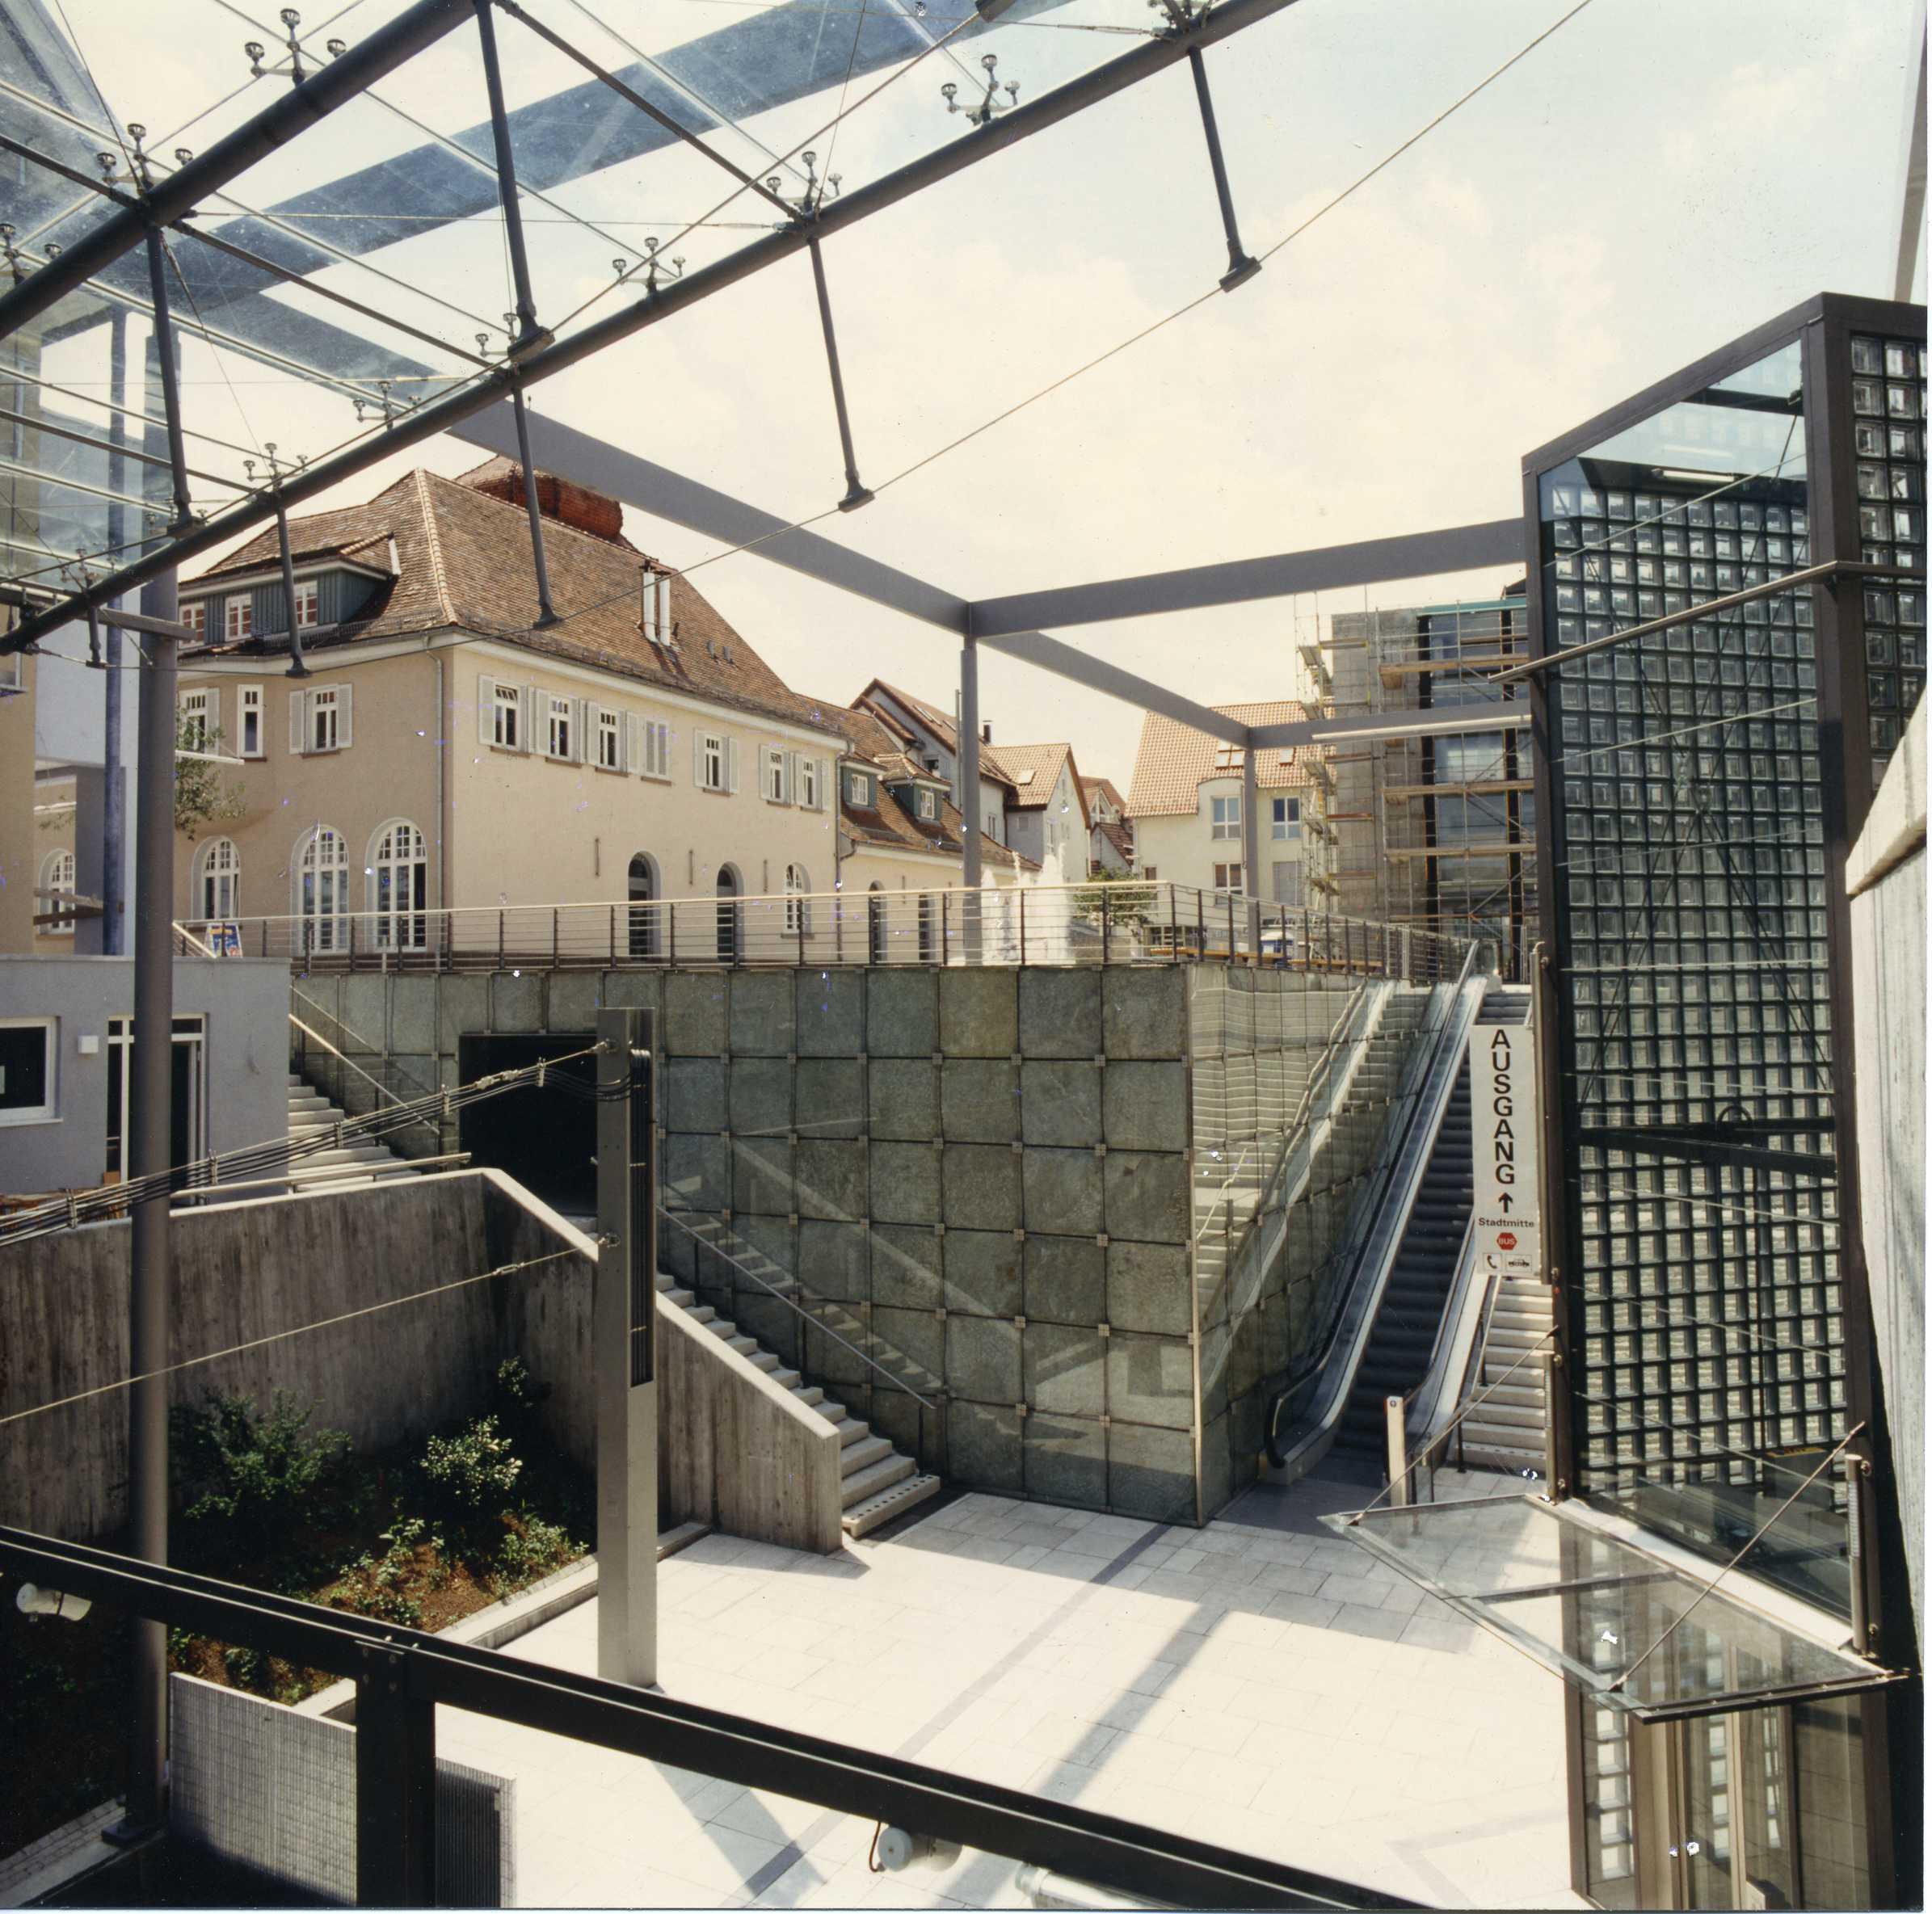 Stadtbahnendhaltestelle Gerlingen, verglaste Felswand, Gerlingen 1997